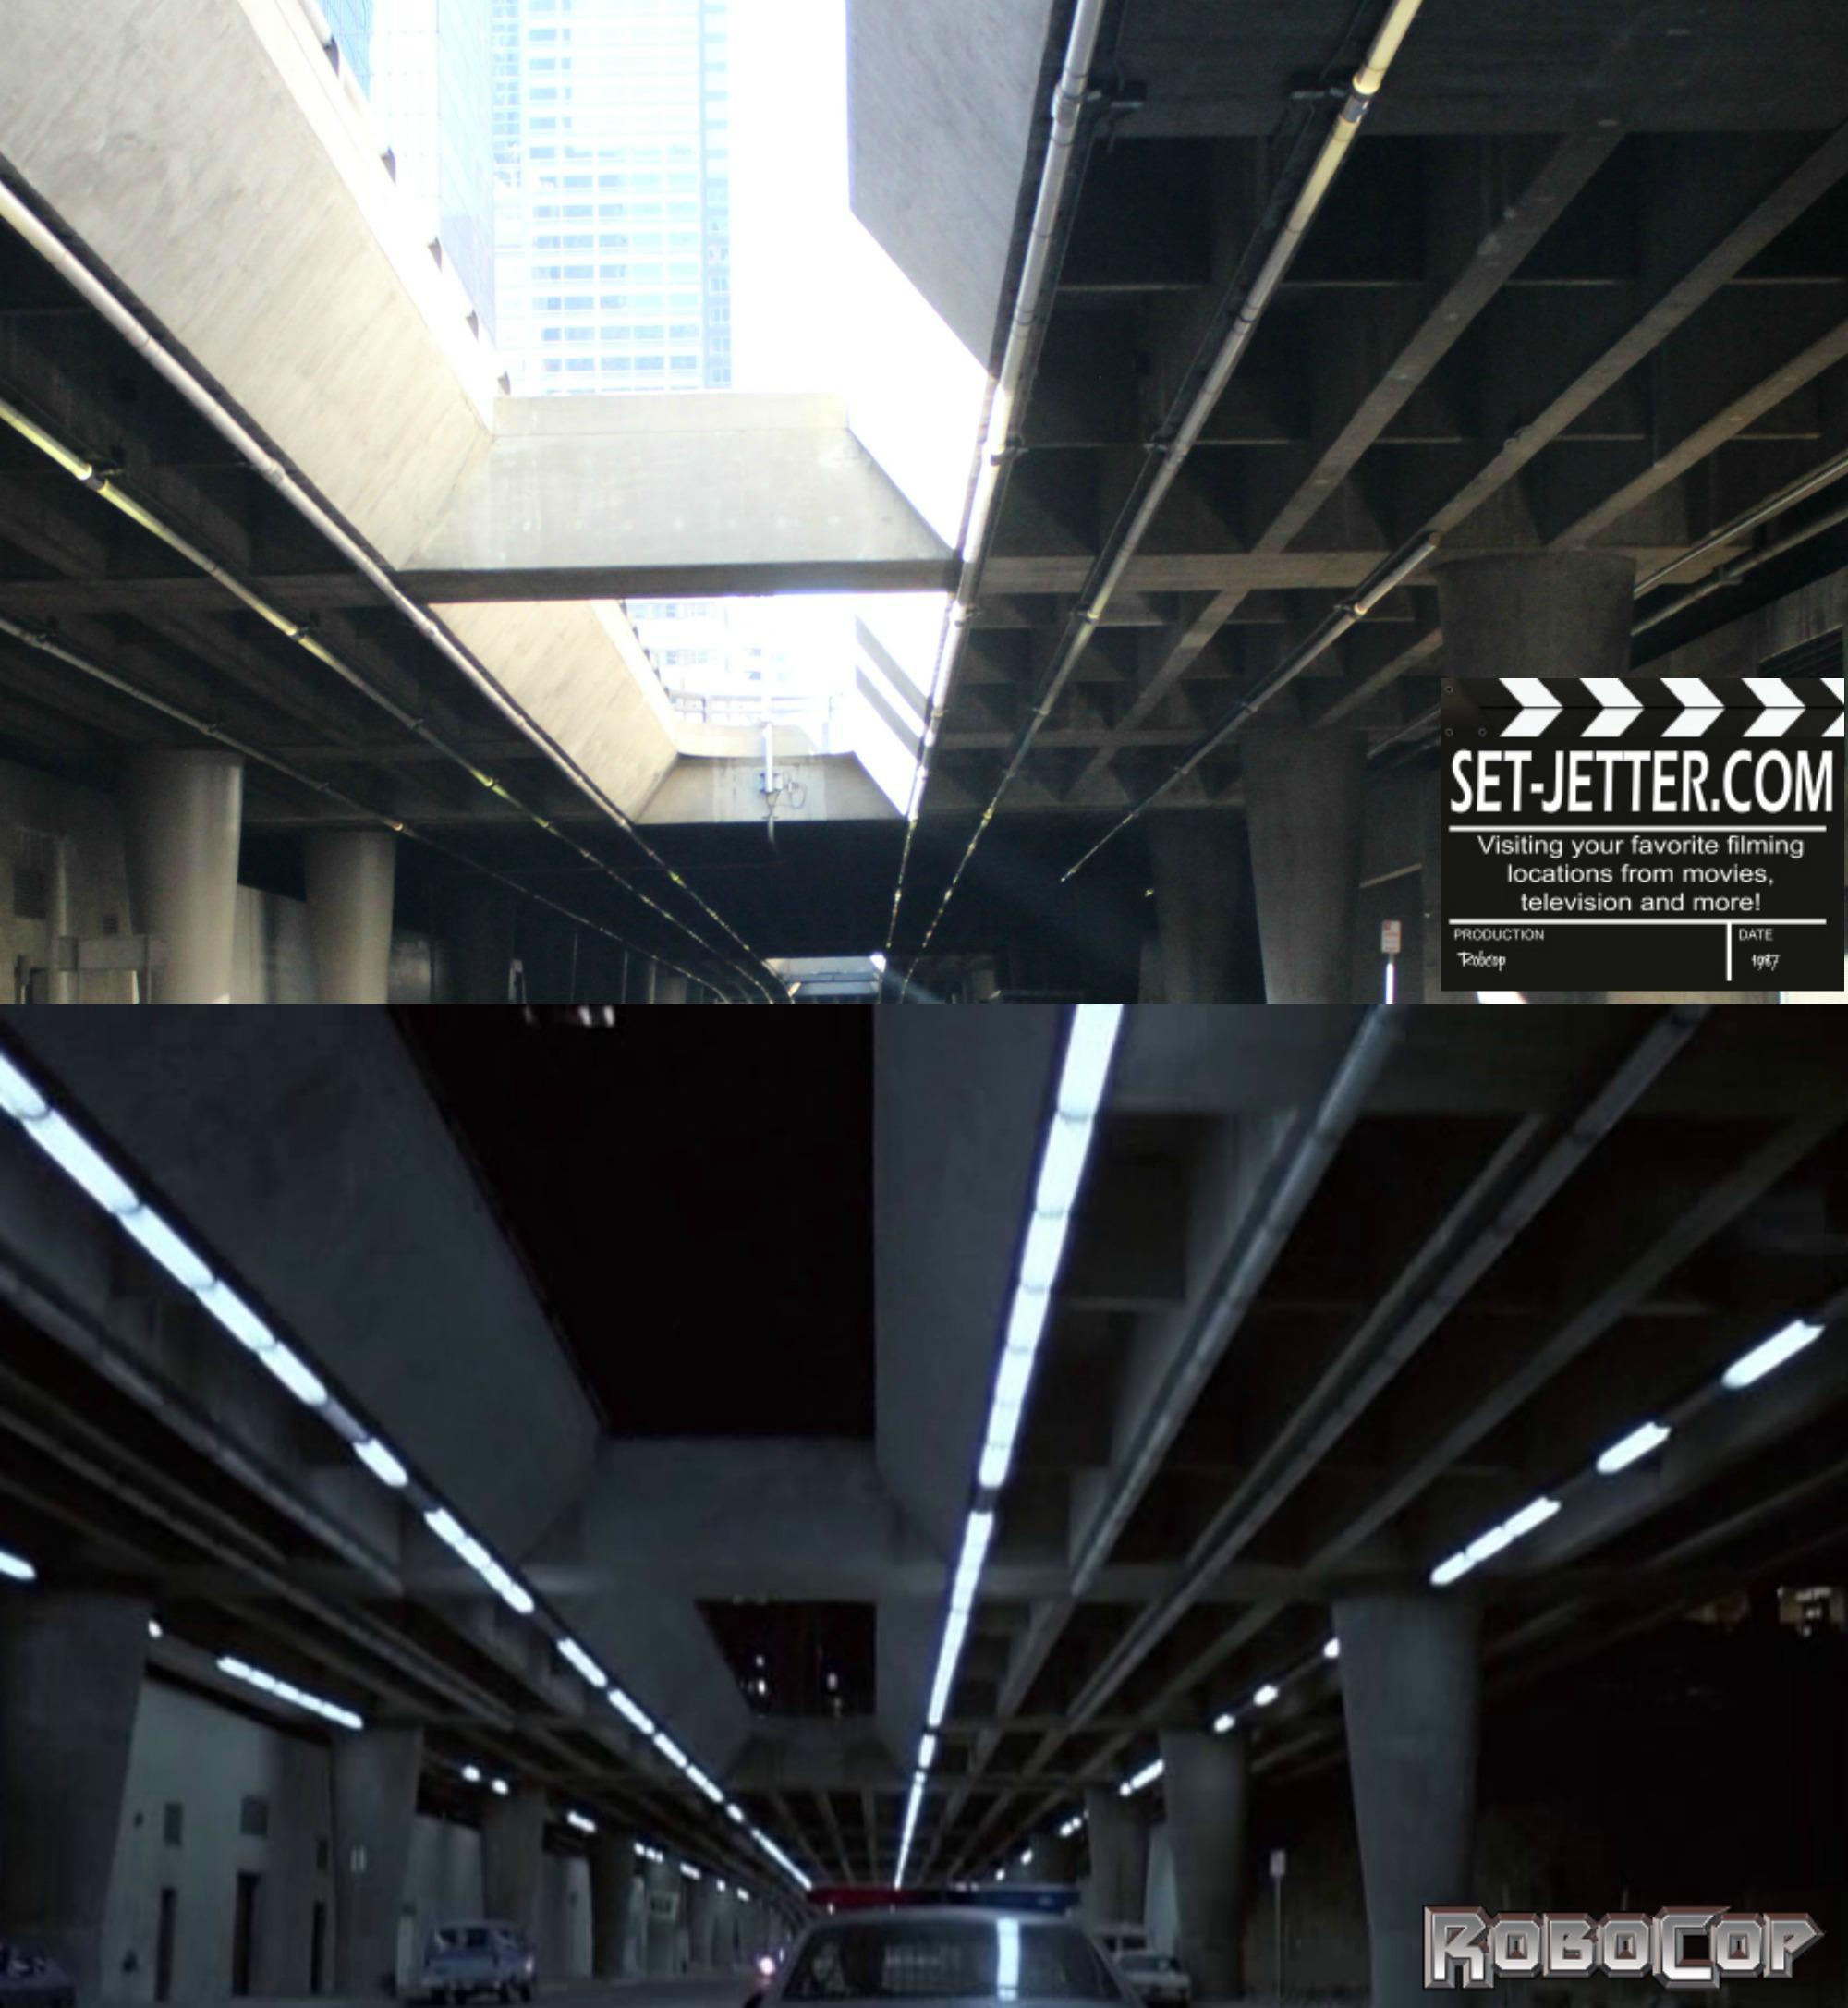 Robocop comparison 185.jpg